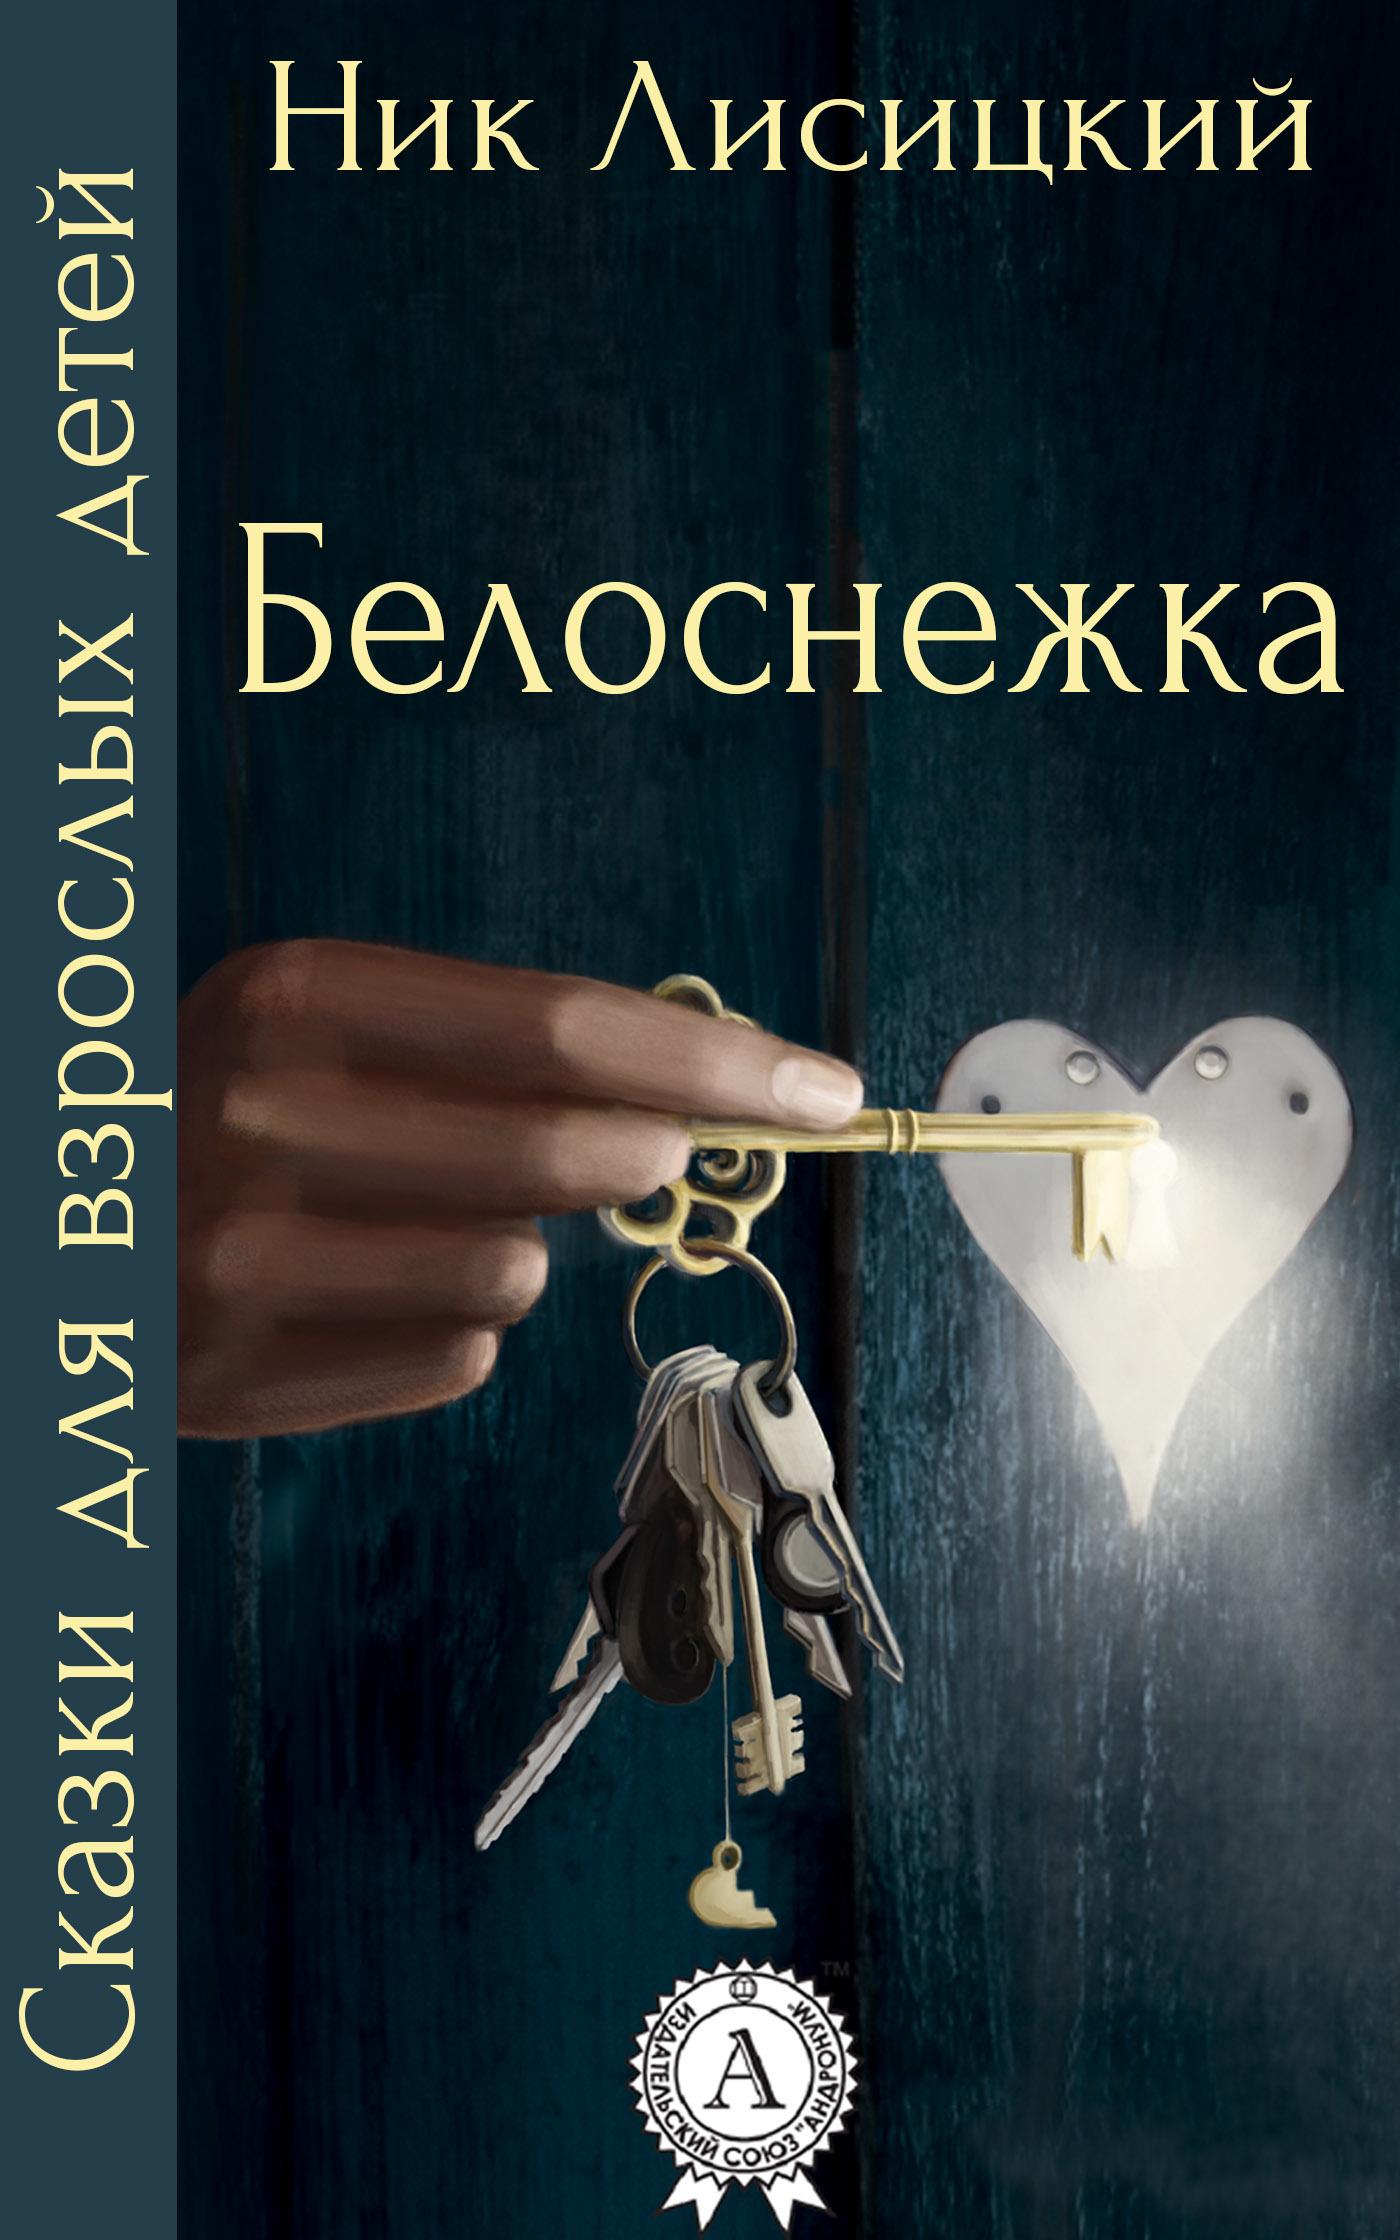 захватывающий сюжет в книге Ник Лисицкий